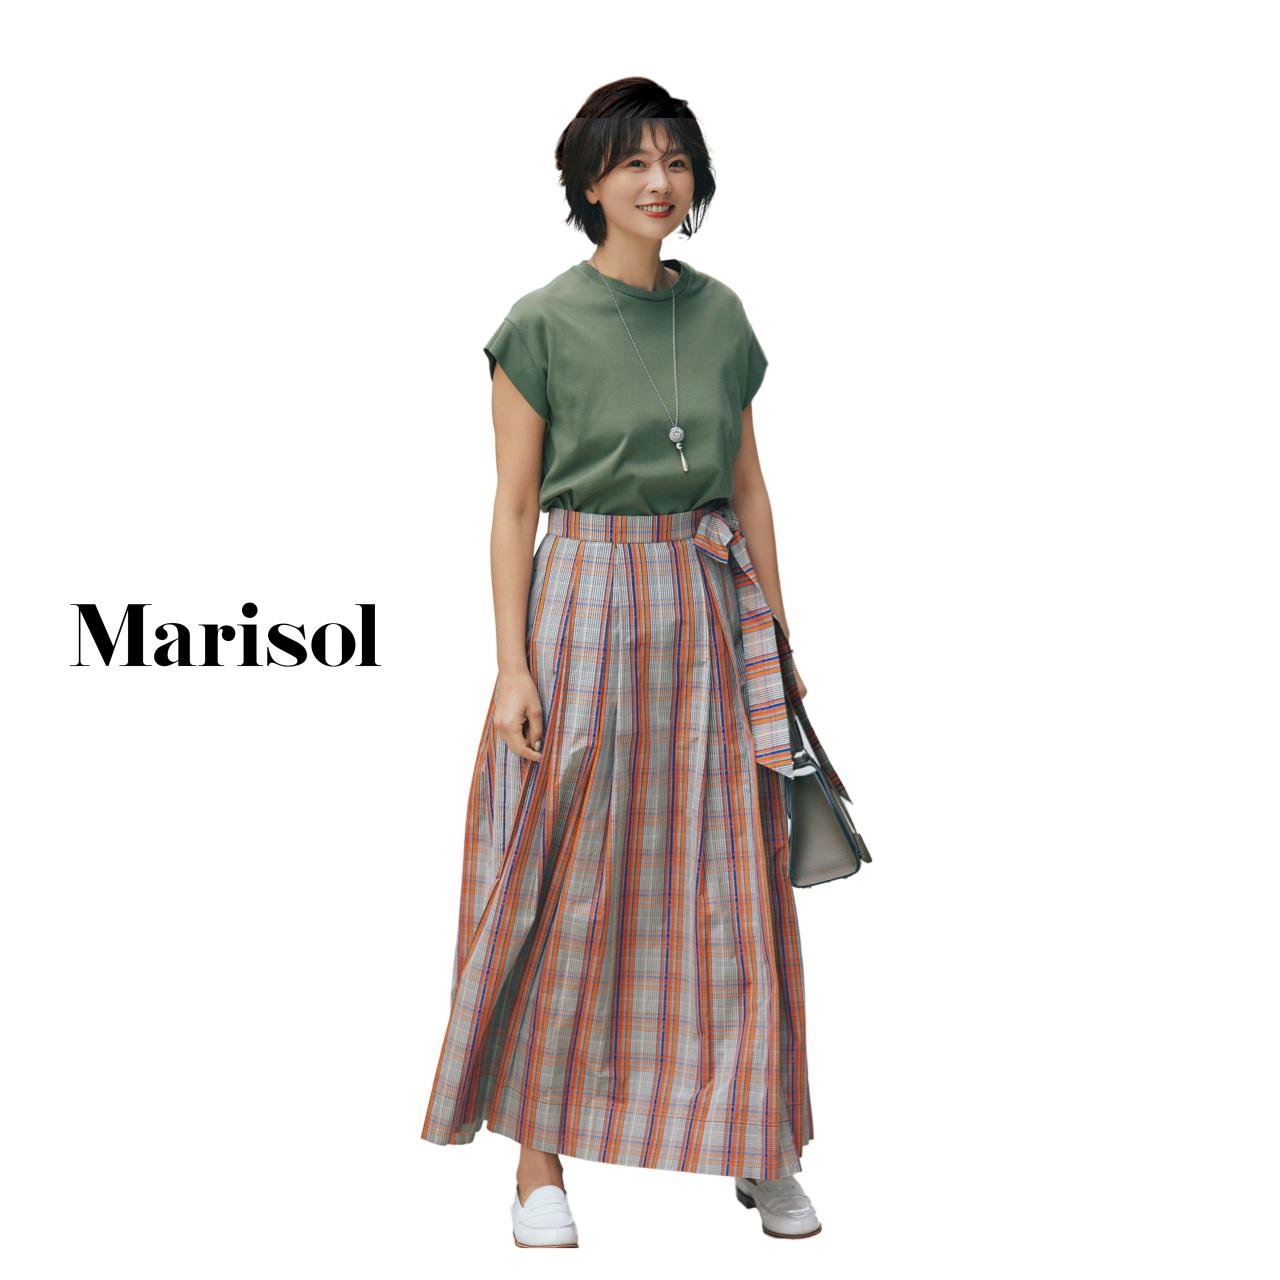 40代ファッション カーキTシャツ×チェック柄ロングスカートコーデ